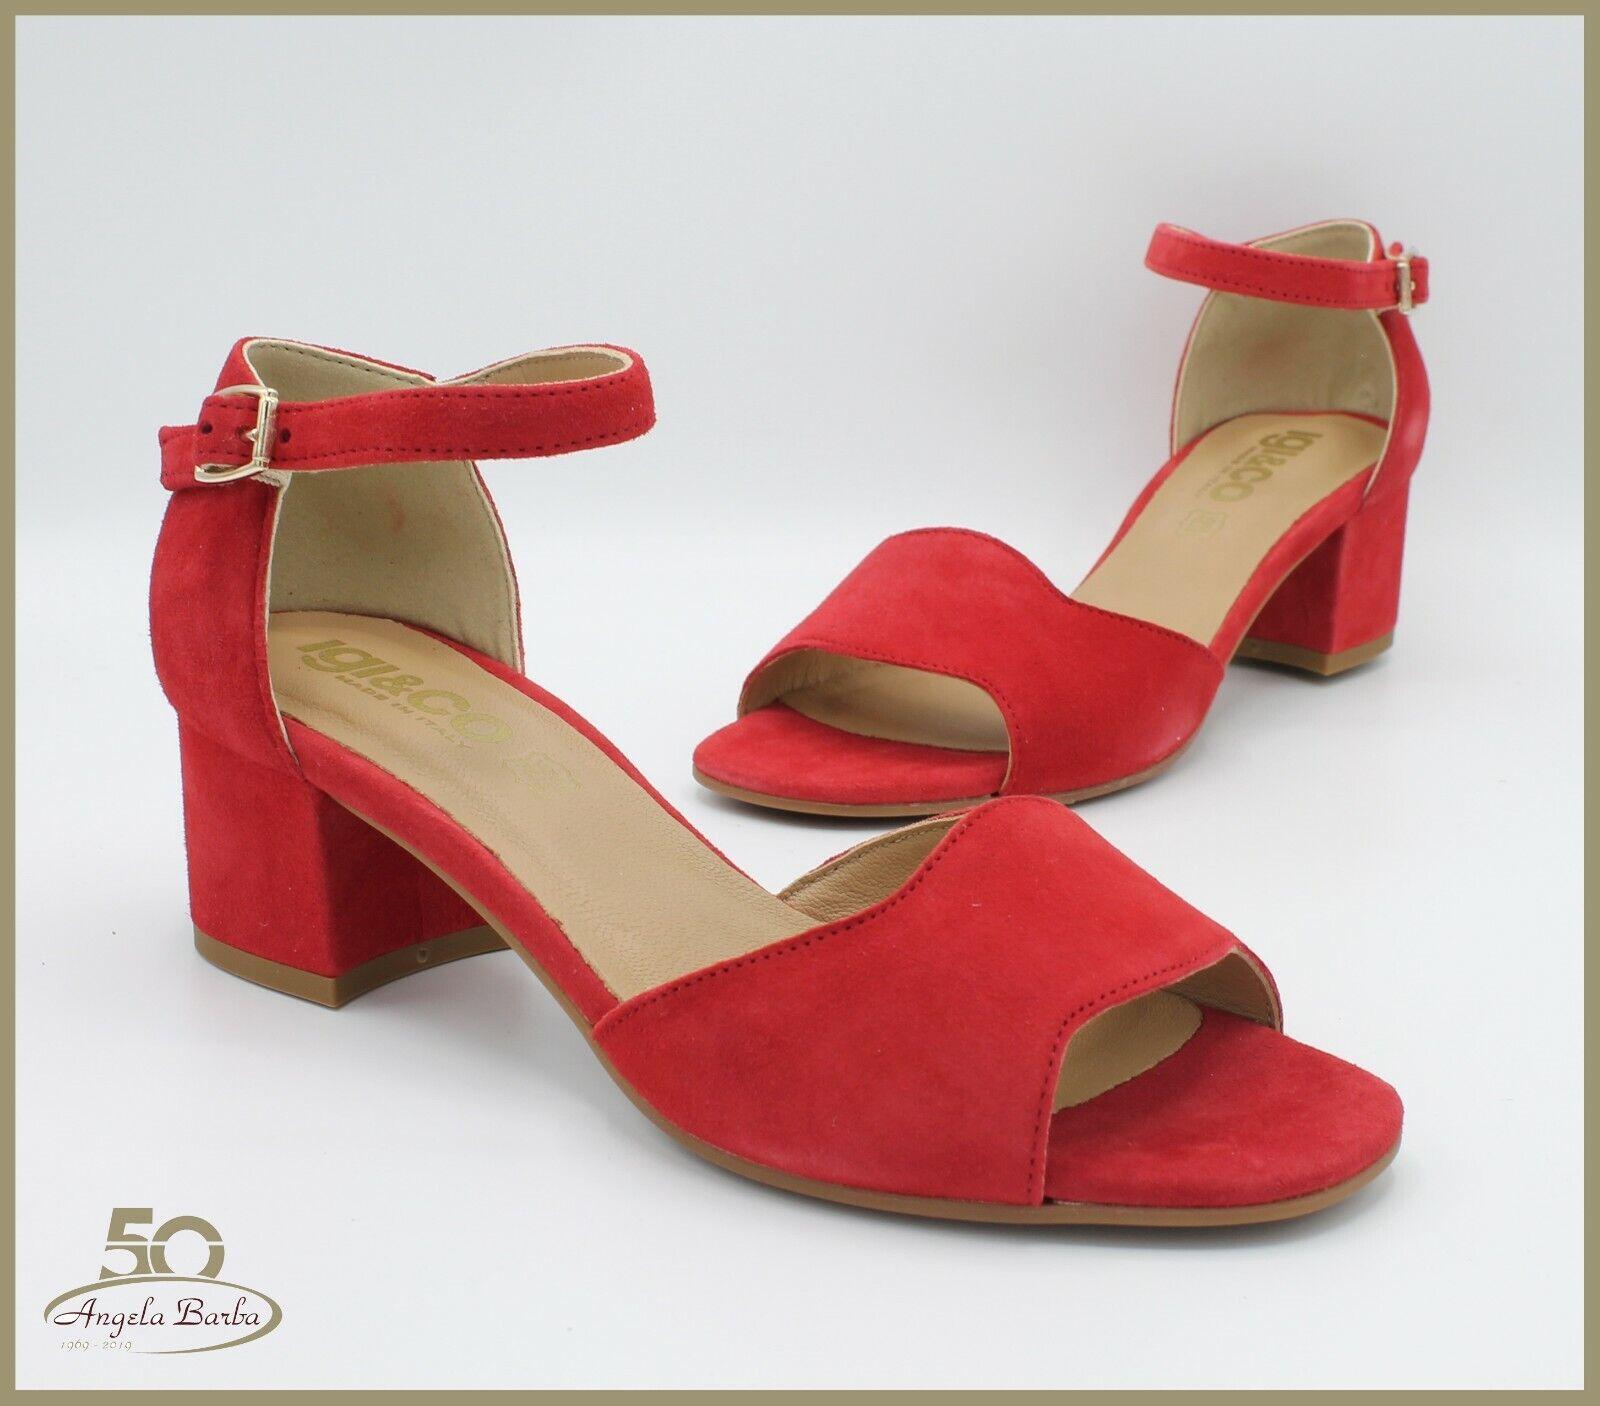 IGI & Co kvinnor Sandaler i röd mocka Heeled Elegant Elegant Elegant igieco Sandal  reklamartiklar